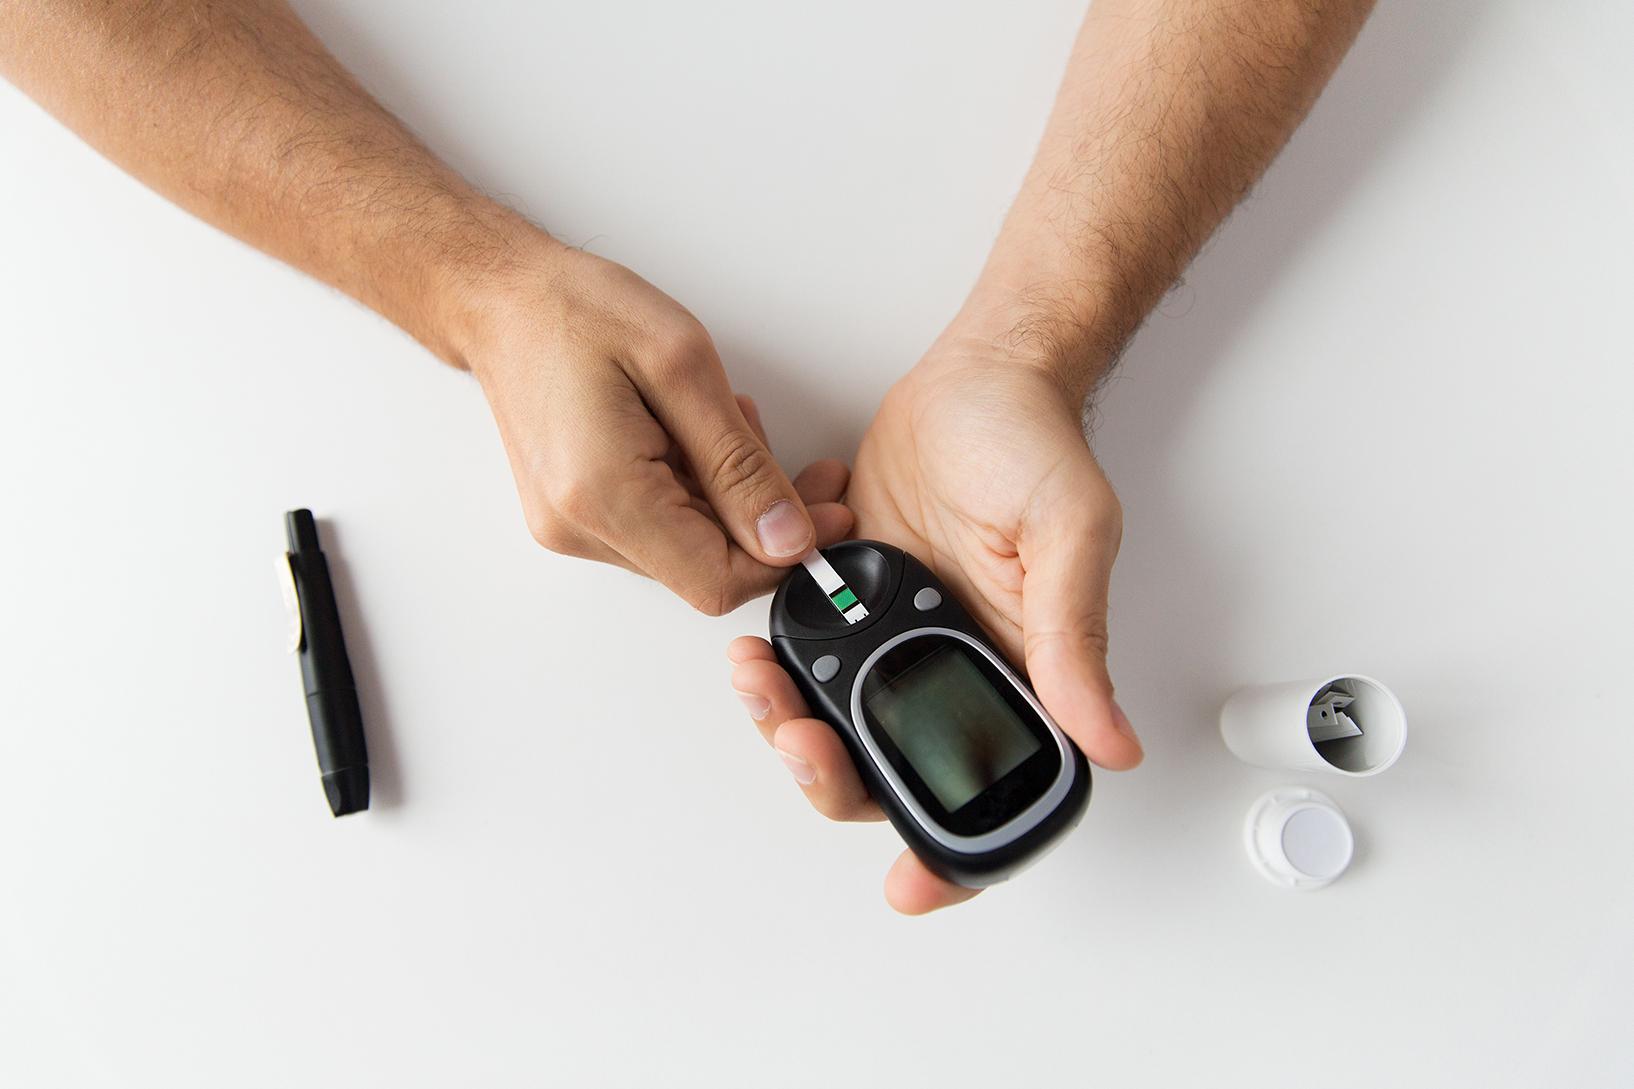 signs of diabetes in men